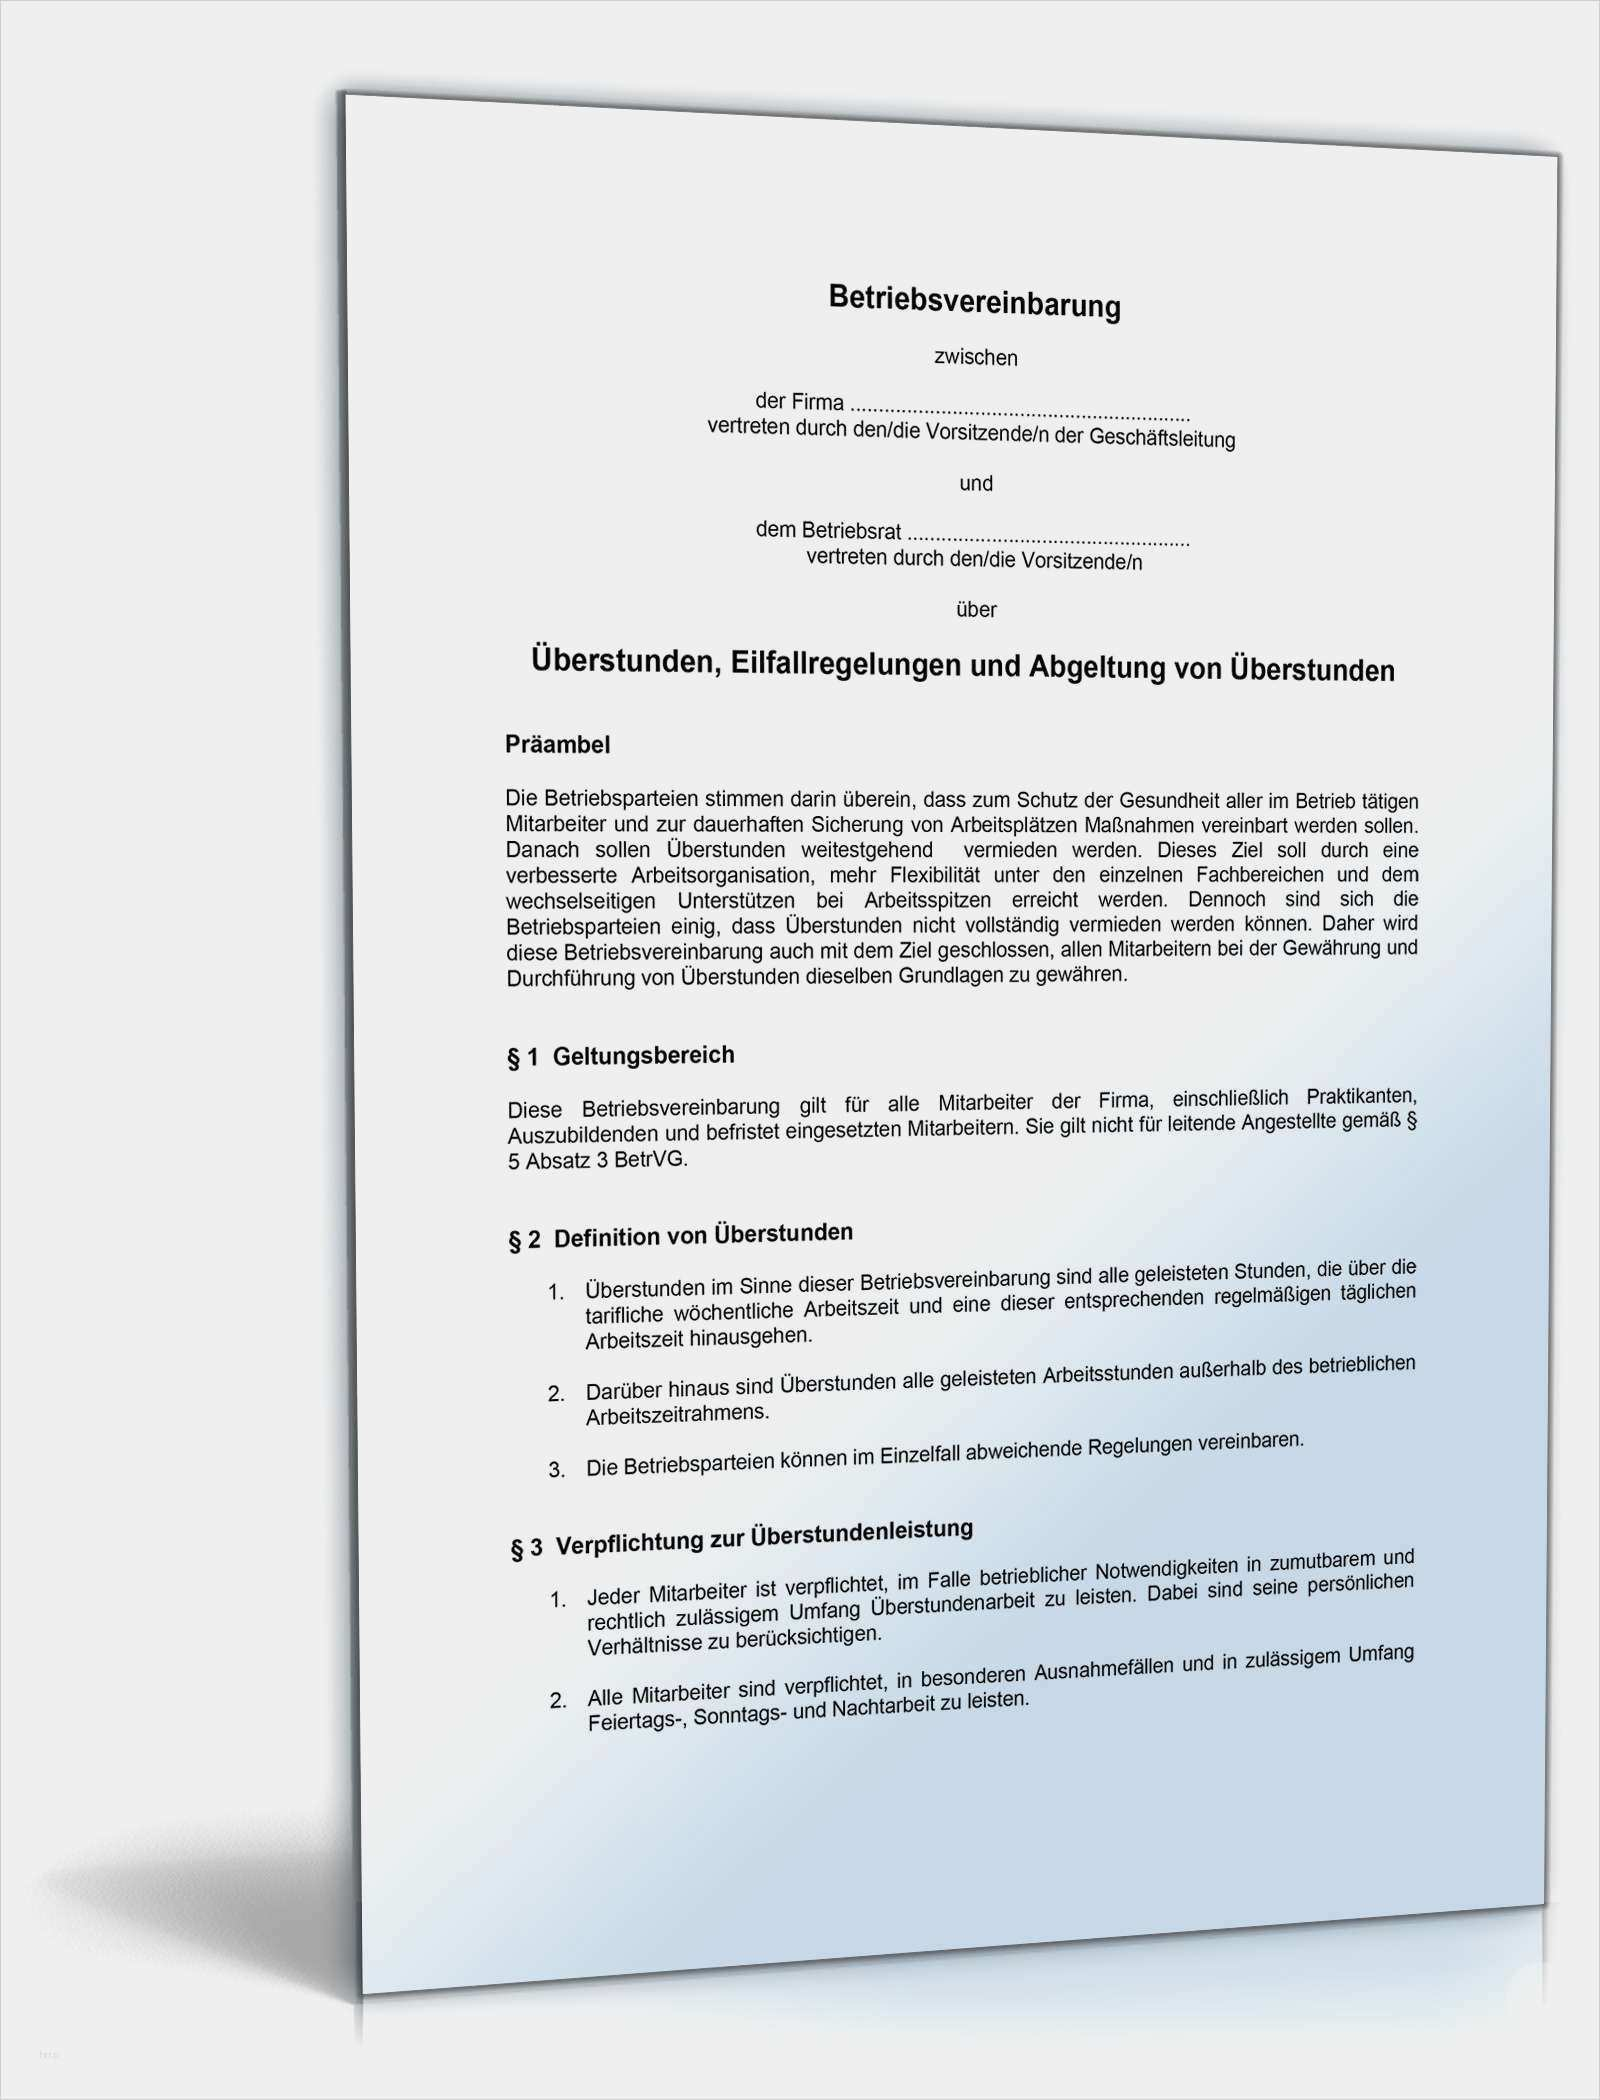 39 Gut Betriebsrat Vorlagen Kostenlos Bilder In 2020 Vorlagen Geschenkgutschein Vorlage Indesign Vorlage